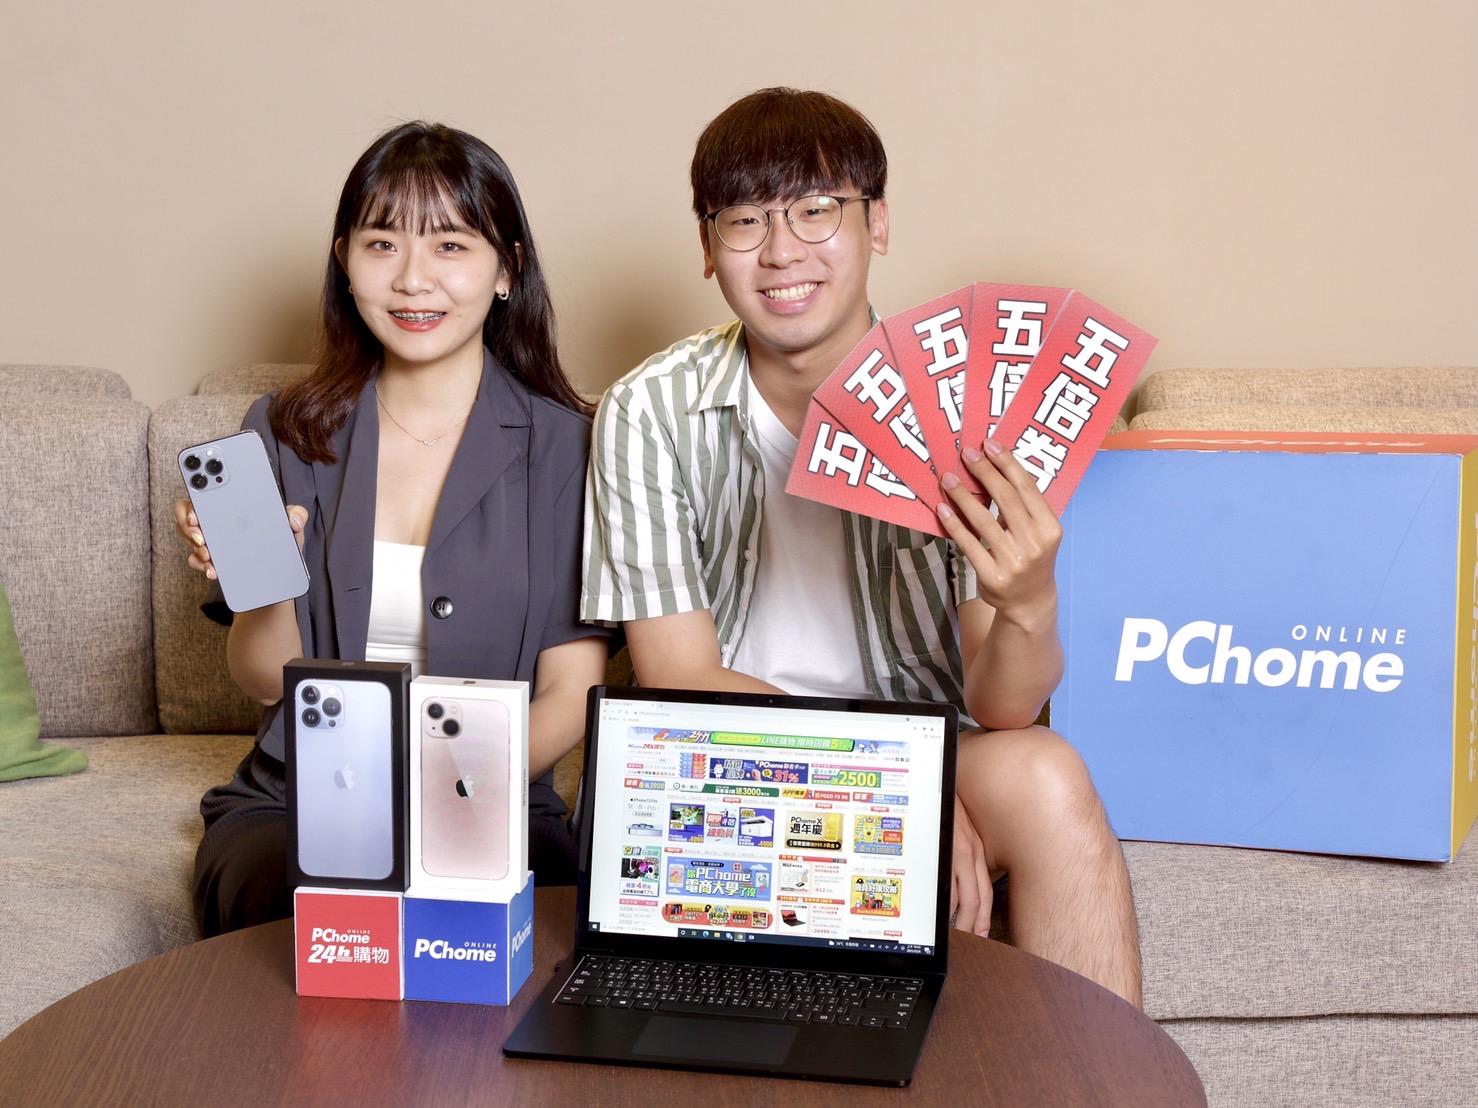 PChome網路家庭9月營收35.59億元 穩定成長YOY 18.56%  樂觀看旺第四季 迎智慧手機換機潮與政府振興券帶動經濟效益